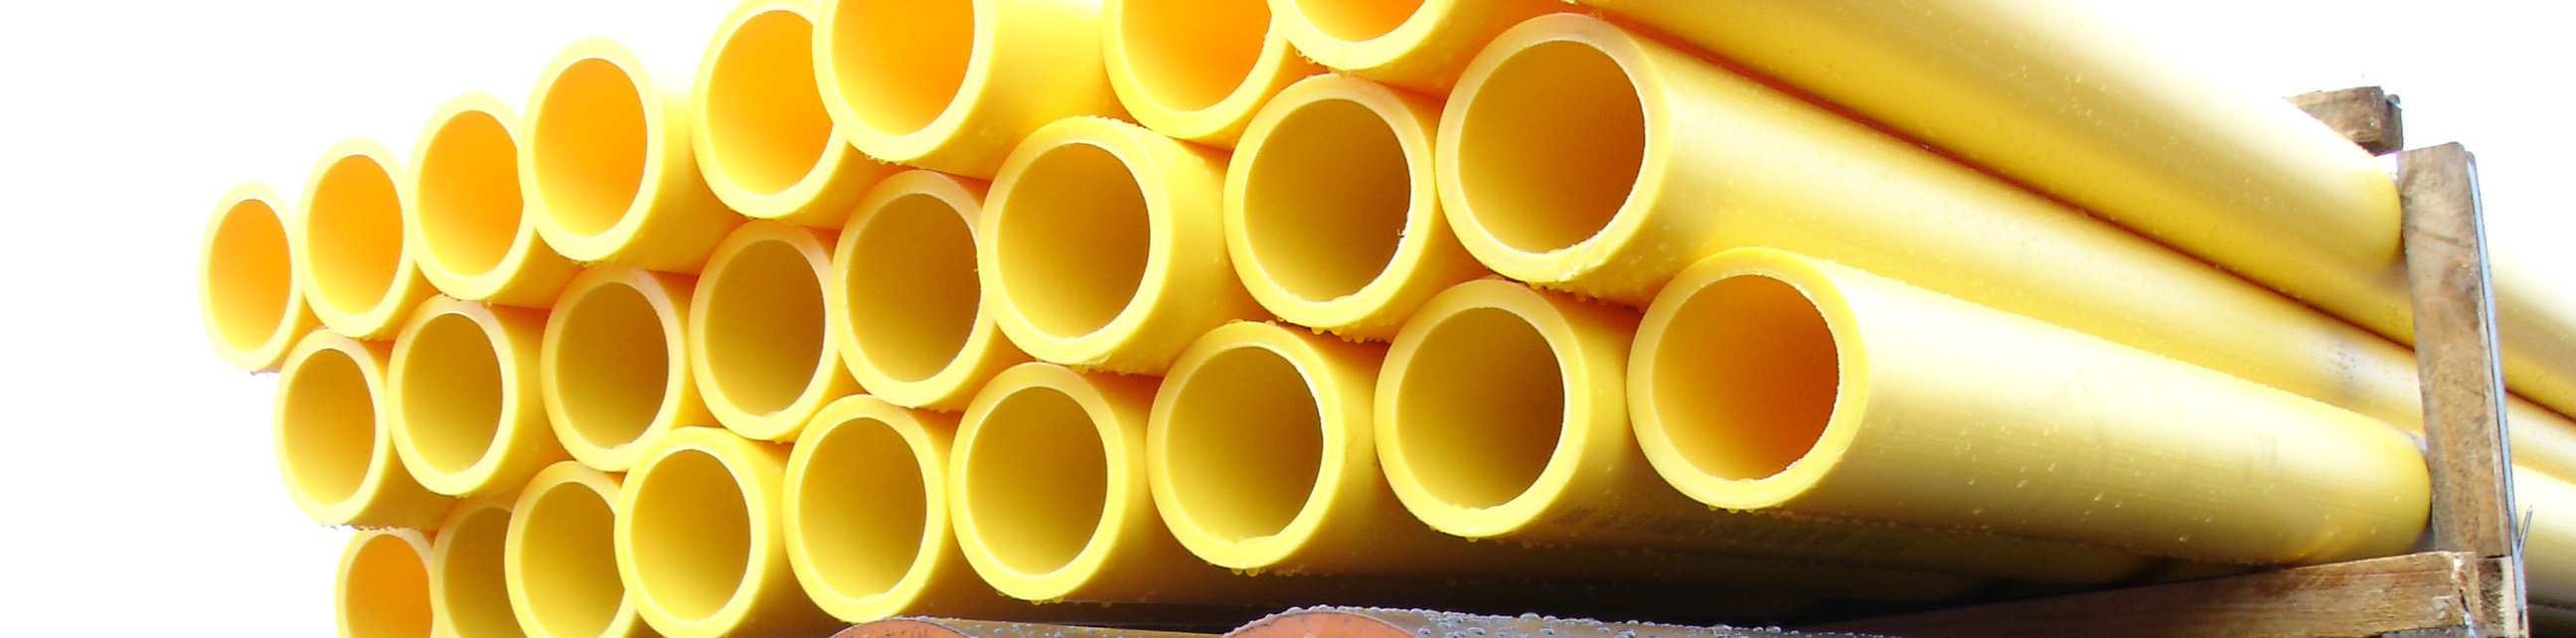 Ventajas de usar tuberías de polietileno en la conducción de gas